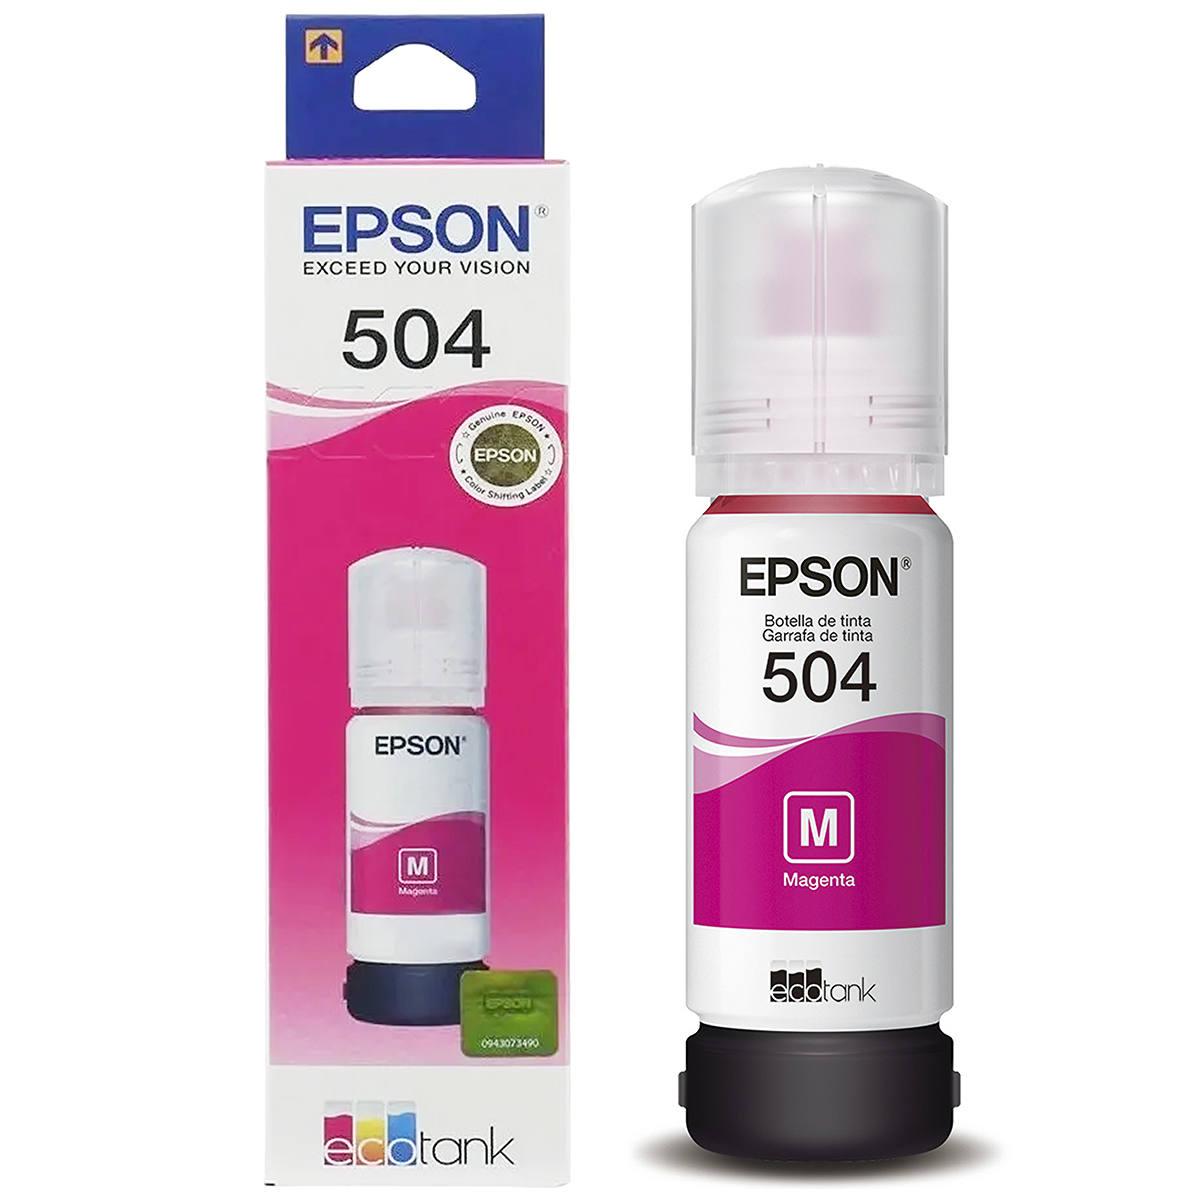 Tinta Epson 504 T504320 T504320AL Magenta Original para Ecotank L4150 L4160 L6191 L6161 L6171 Refil de 70ml